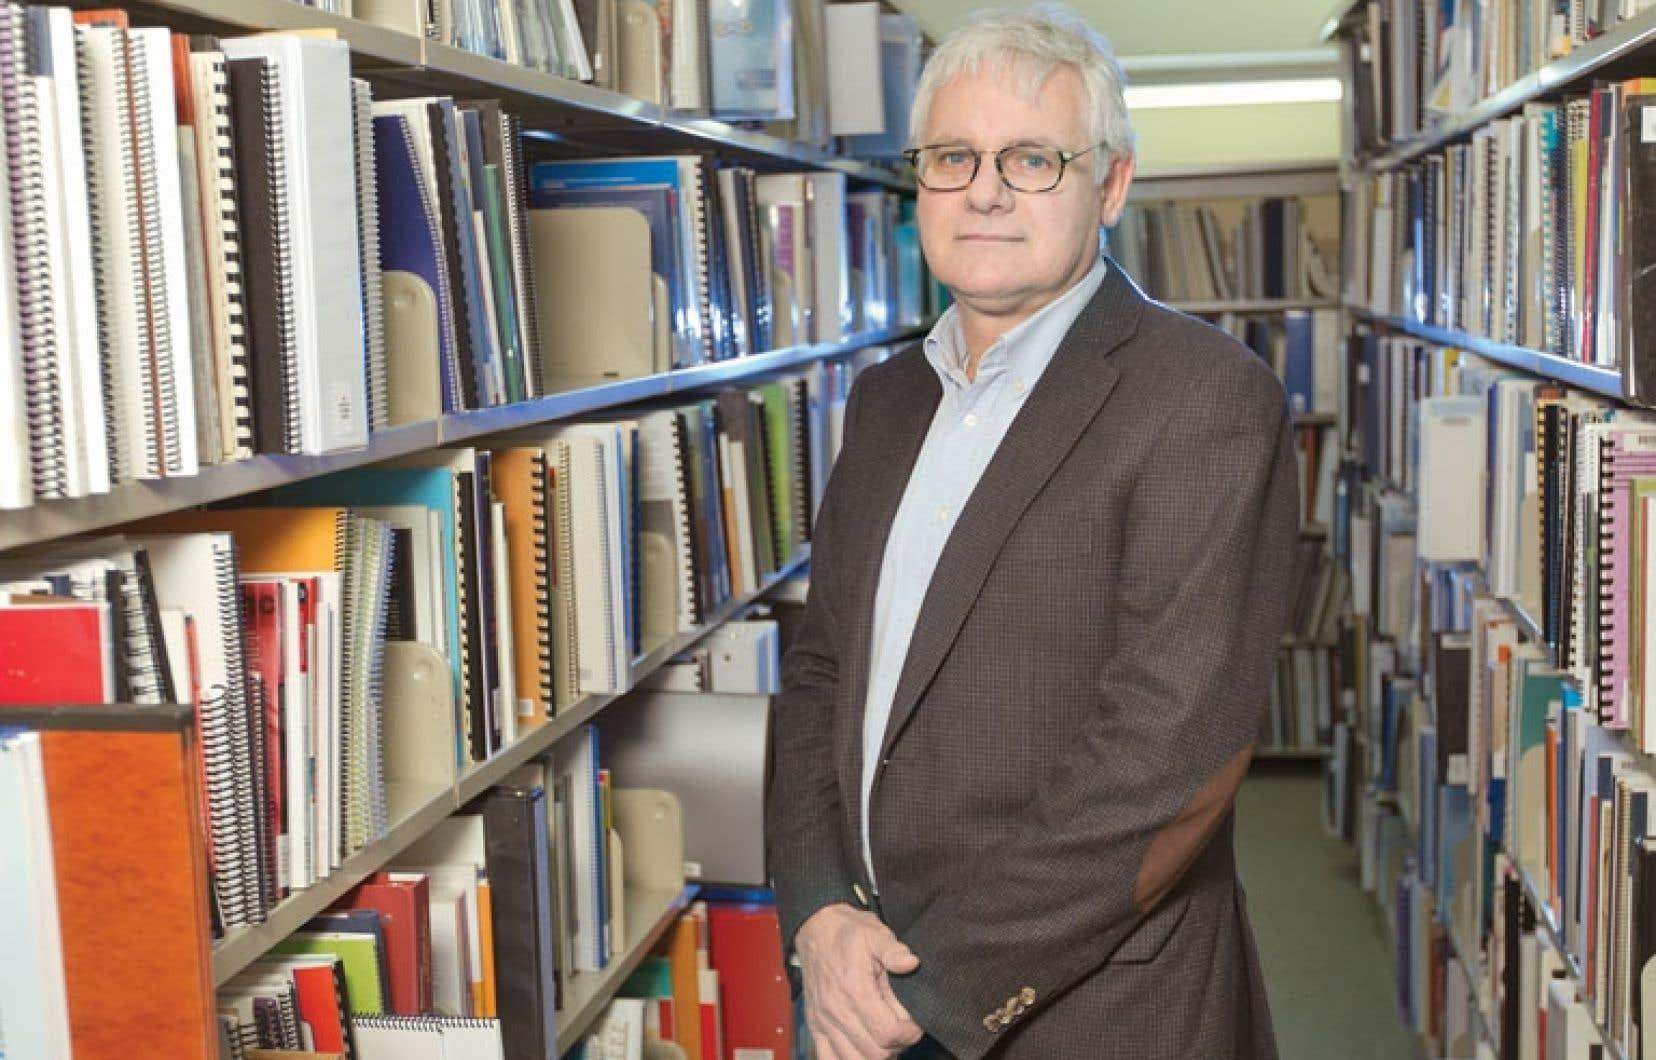 Le directeur de la santé publique de Montréal, Richard Massé, estime que Québec est tenu par la loi d'évaluer les impacts de compressions à l'aide sociale.